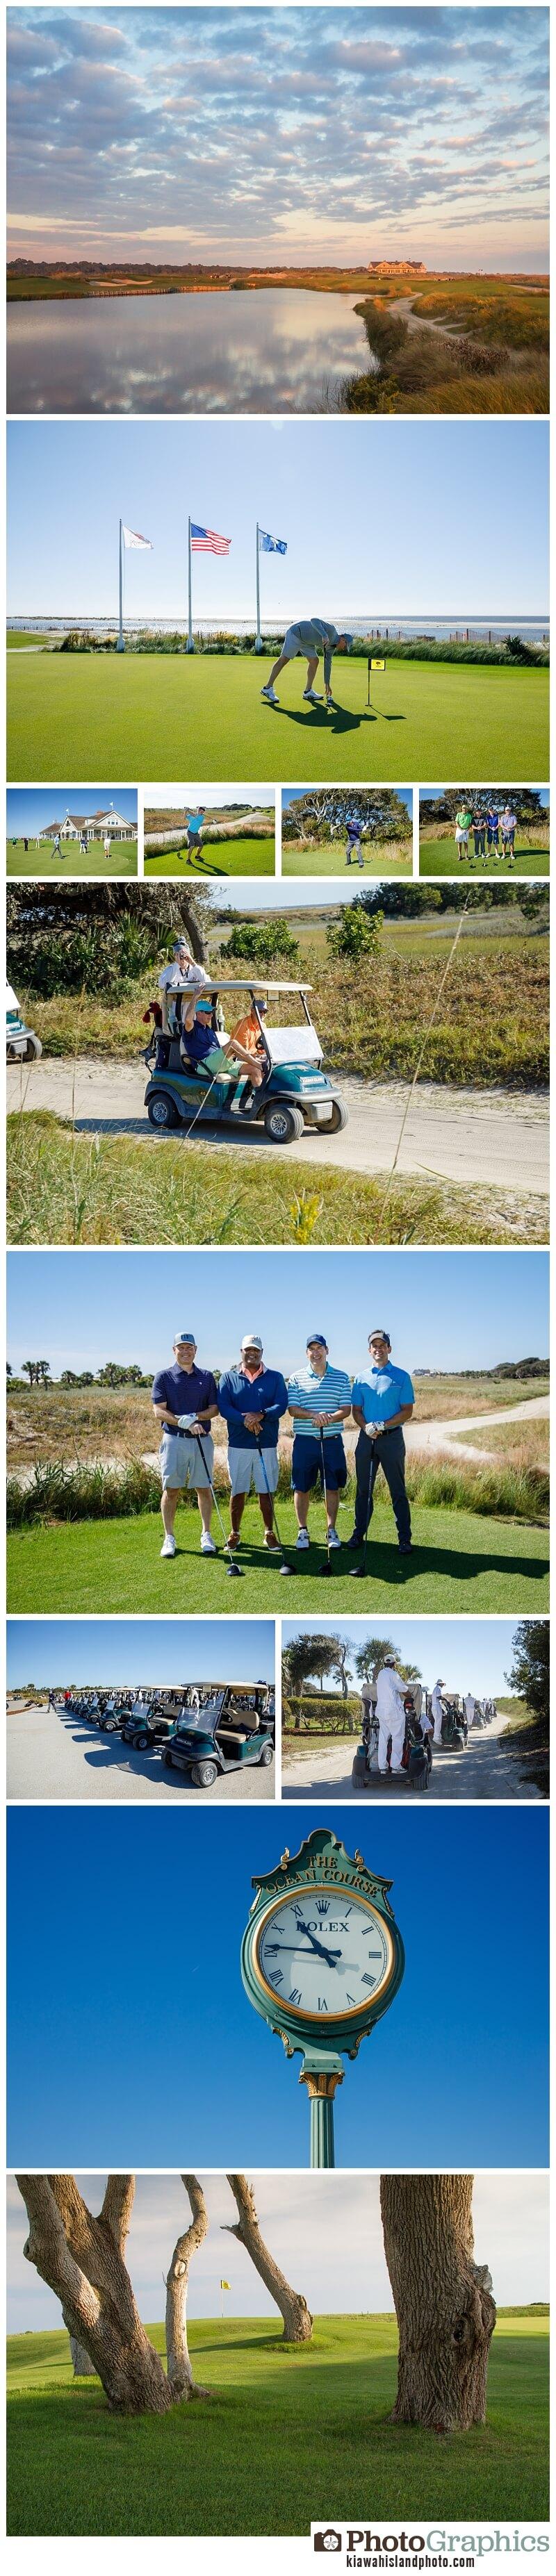 event photogprahy on Kiawah Island at Kiawah Island Golf Resort at the Ocean Course